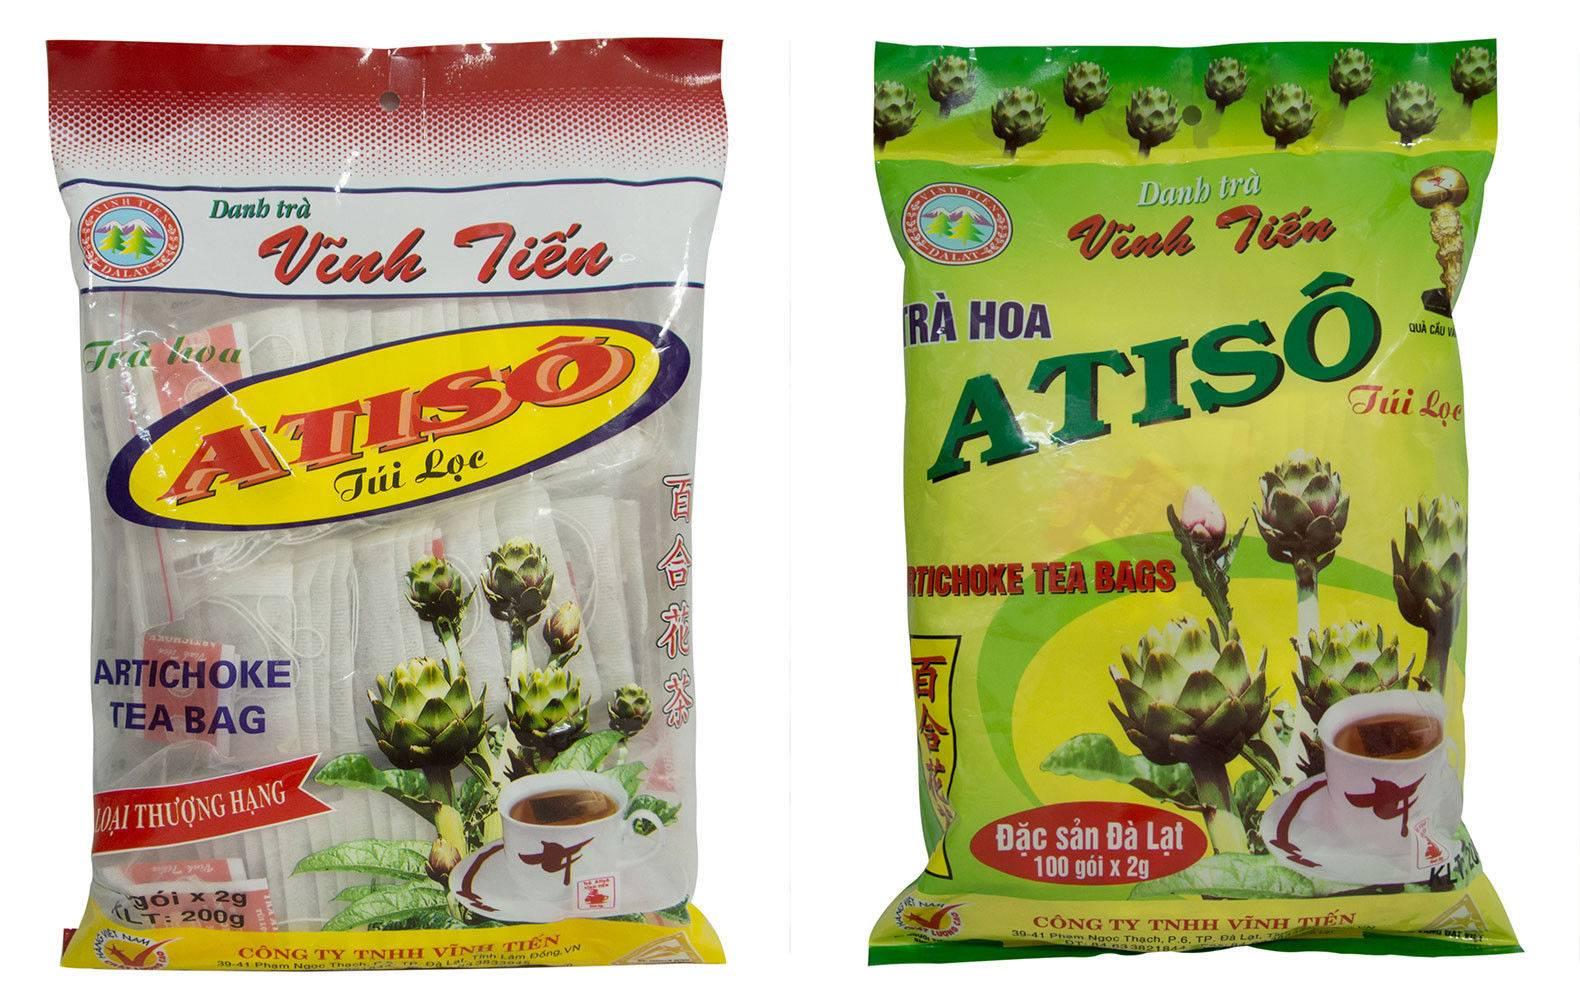 Лечебный чай из артишока - полезные свойства и противопоказания